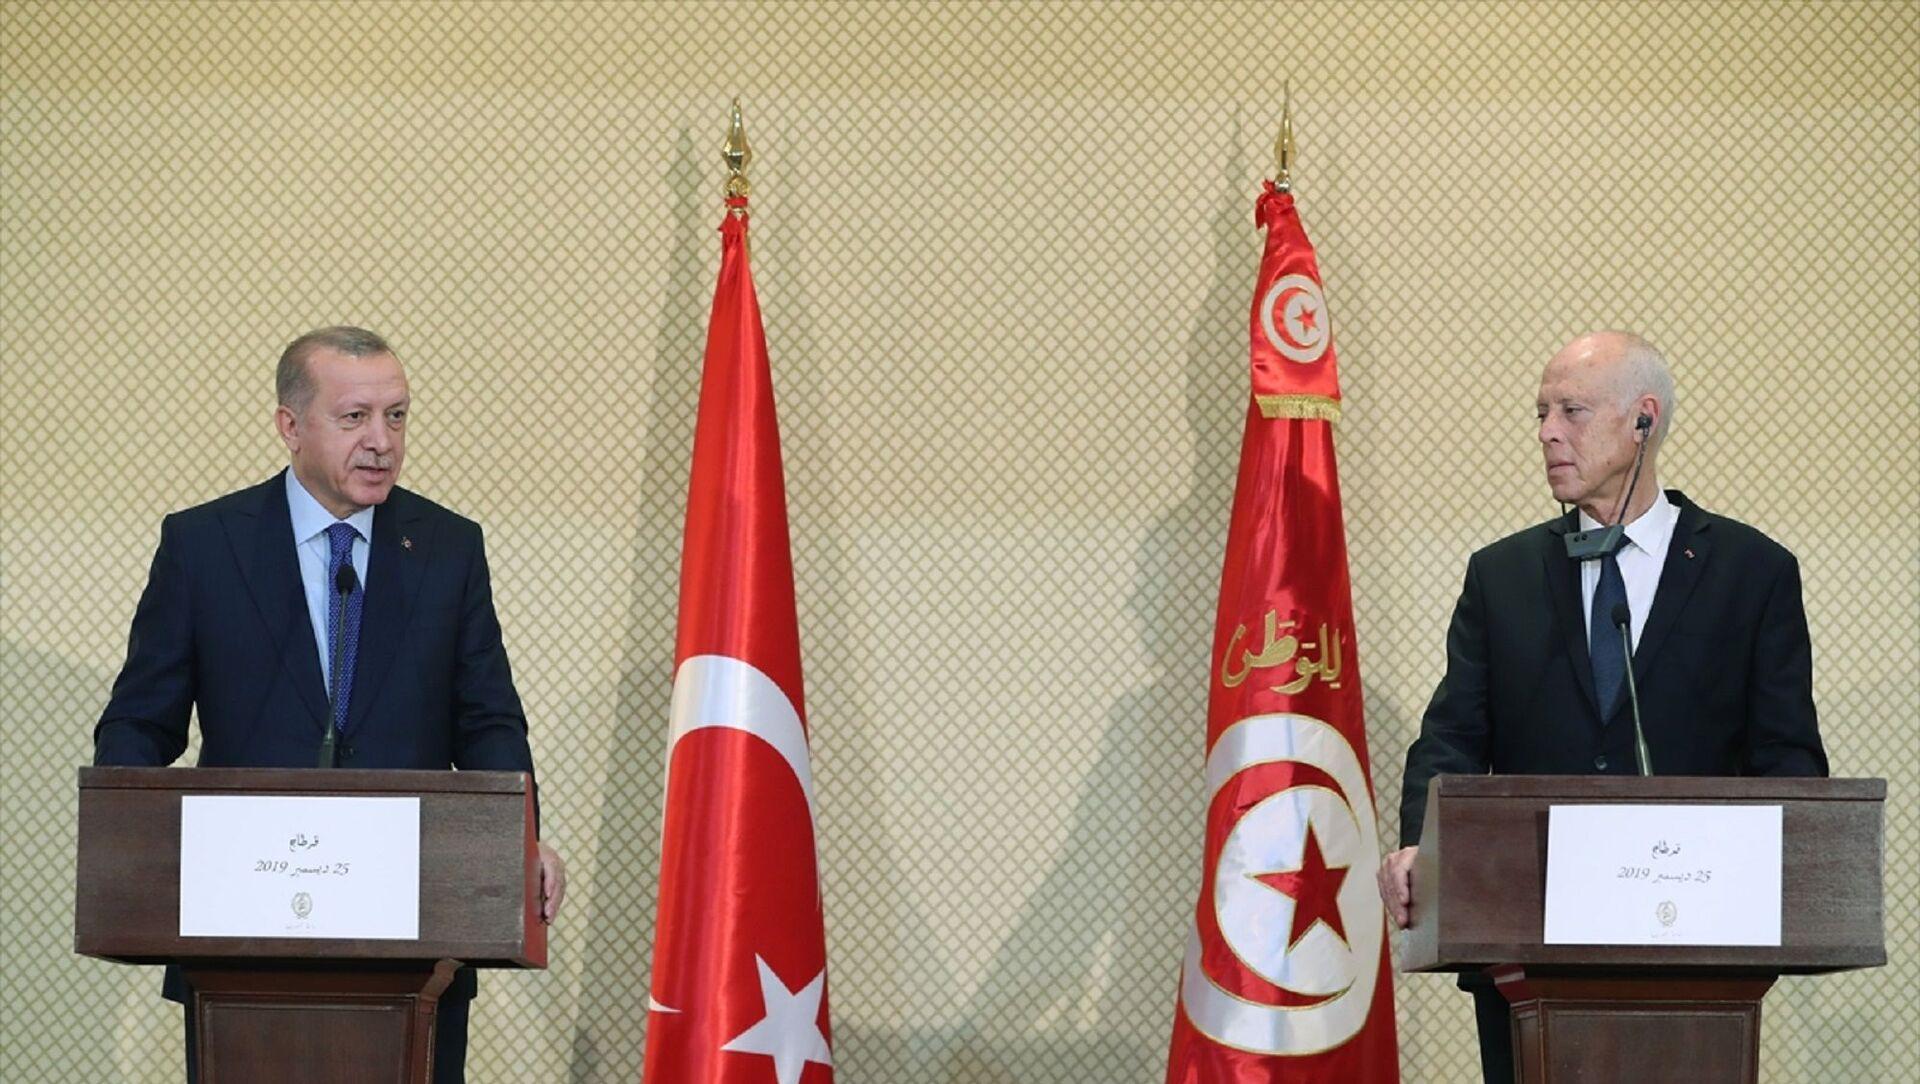 Türkiye Cumhurbaşkanı Recep Tayyip Erdoğan, Tunus Cumhurbaşkanı Kays Said ile görüşmeler sonrası ortak basın toplantısı düzenledi. - Sputnik Türkiye, 1920, 02.08.2021